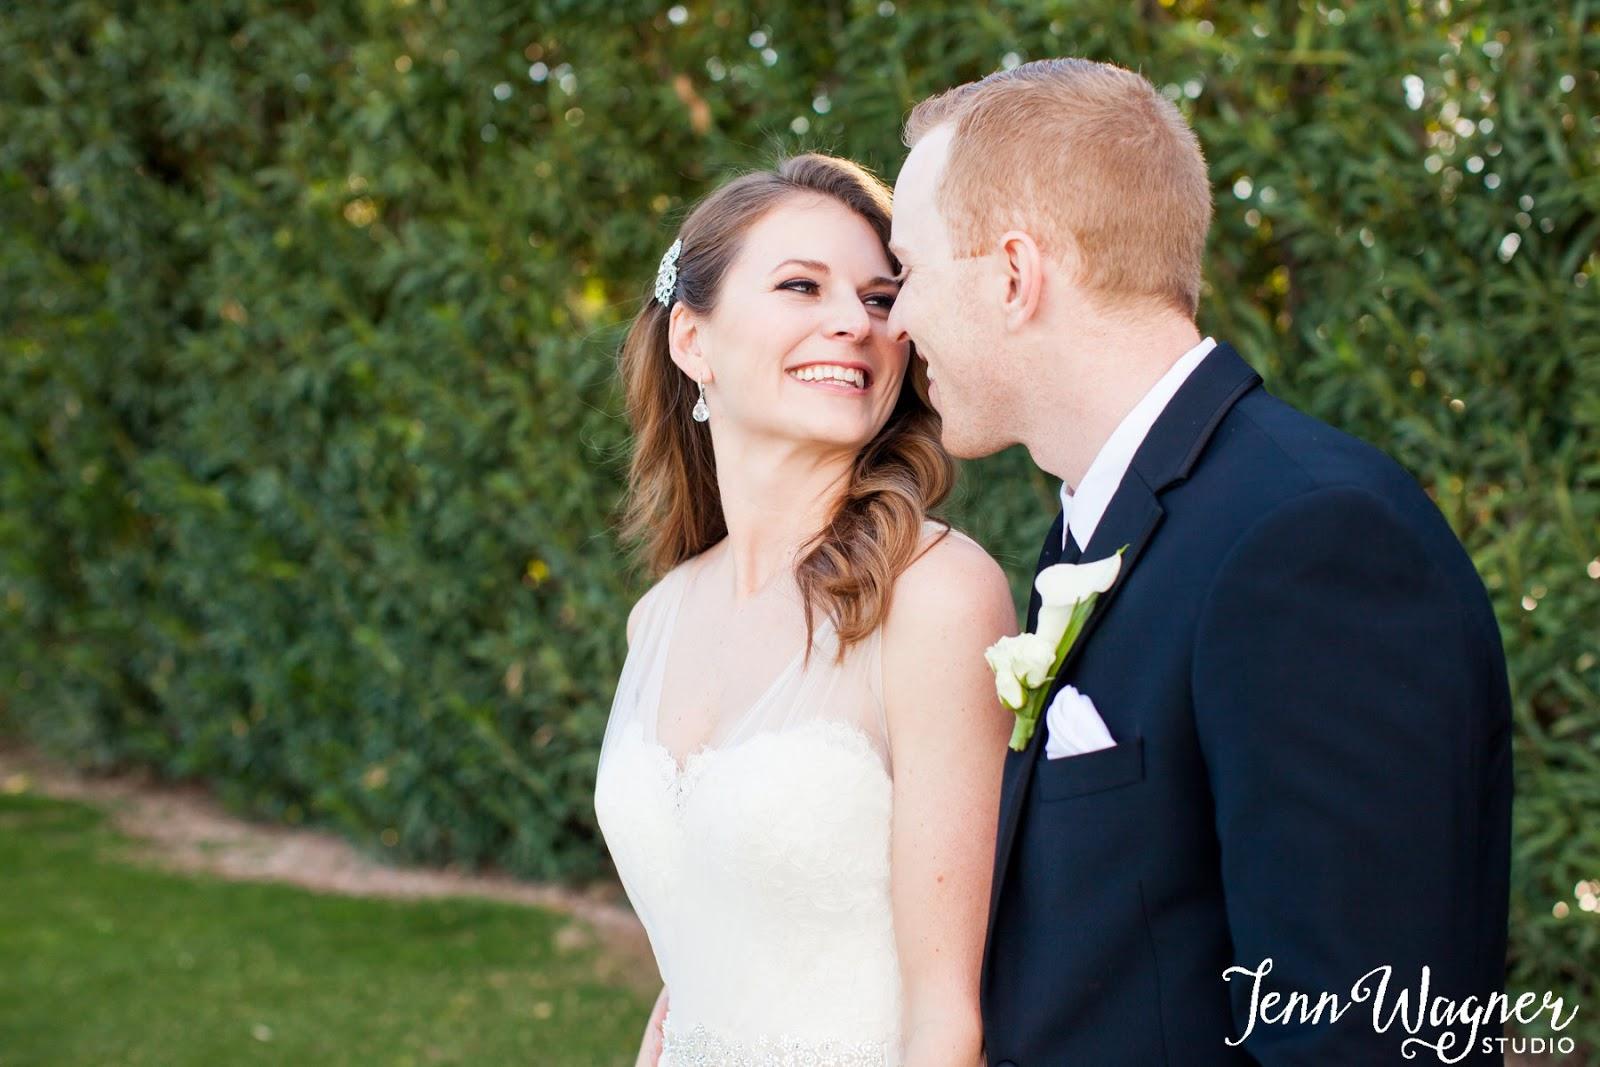 Nick and jenn wedding